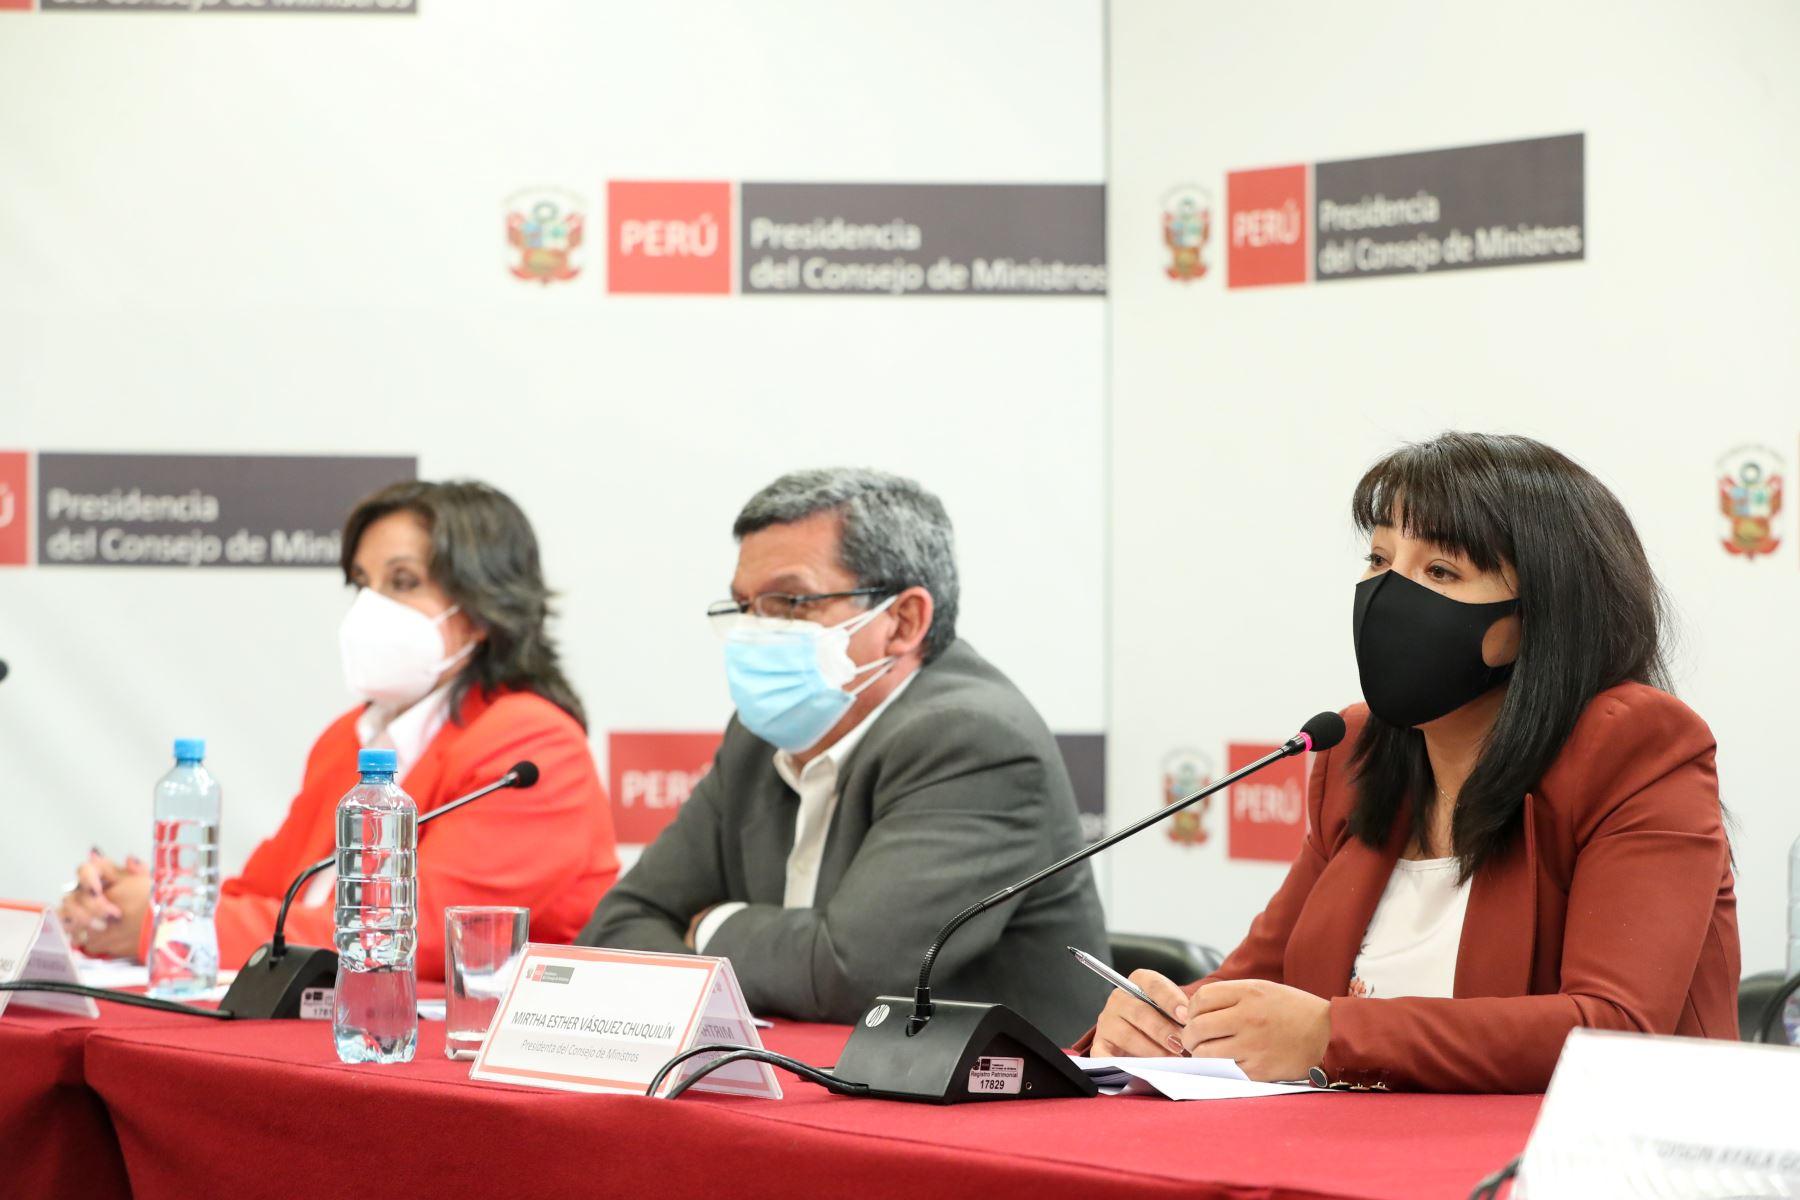 La jefa de Gabinete Ministerial, Mirtha Vásquez, junto a ministros de Estado, informaron a la ciudadanía sobre medidas adoptadas y acciones articuladas en el Consejo de Ministros para atender las necesidades urgentes de la población.